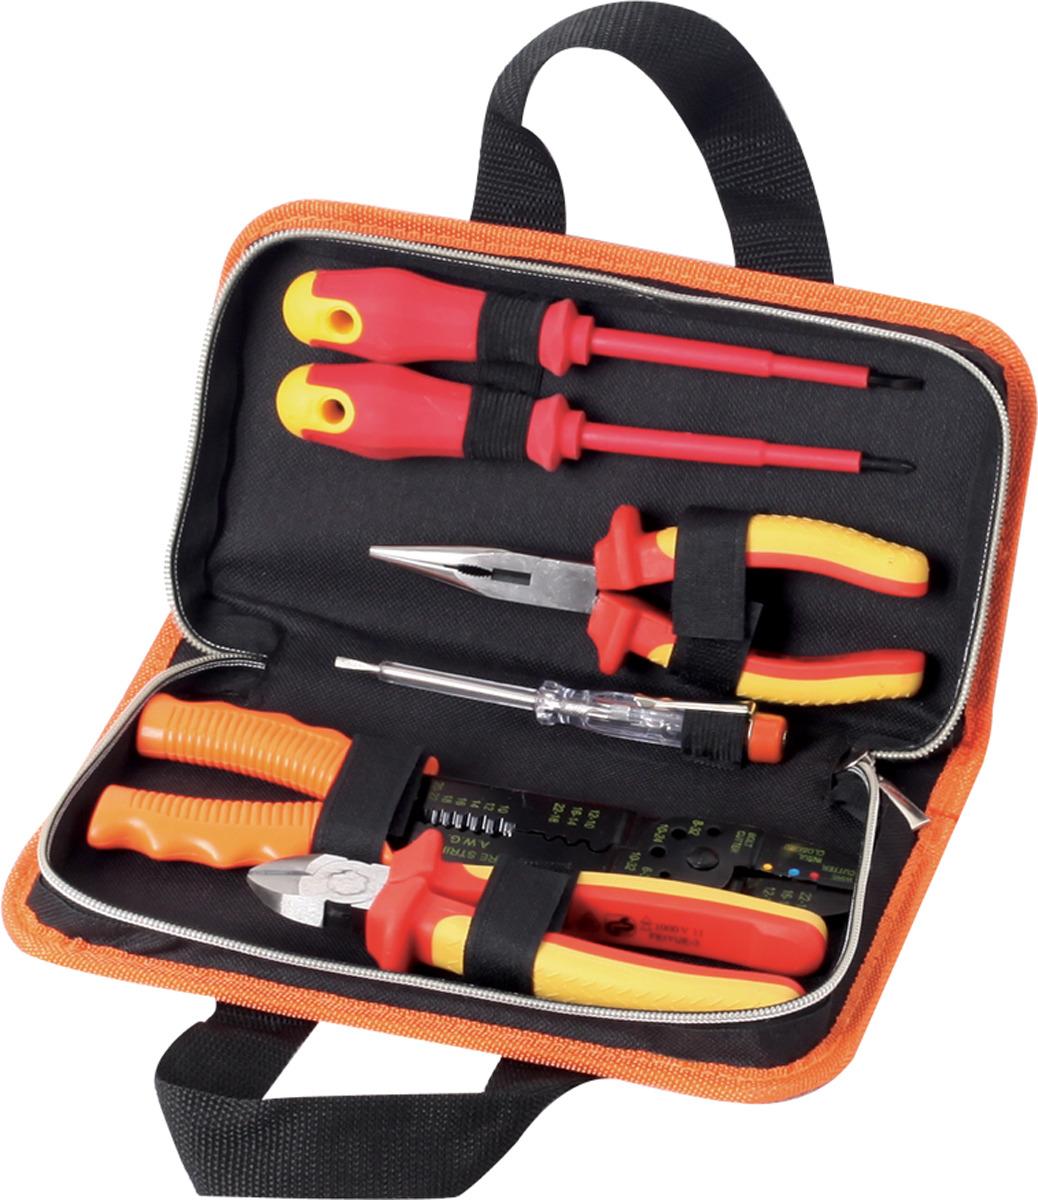 Набор инструментов для электромонтажных работ Кратон DE-01/06, 6 предметов